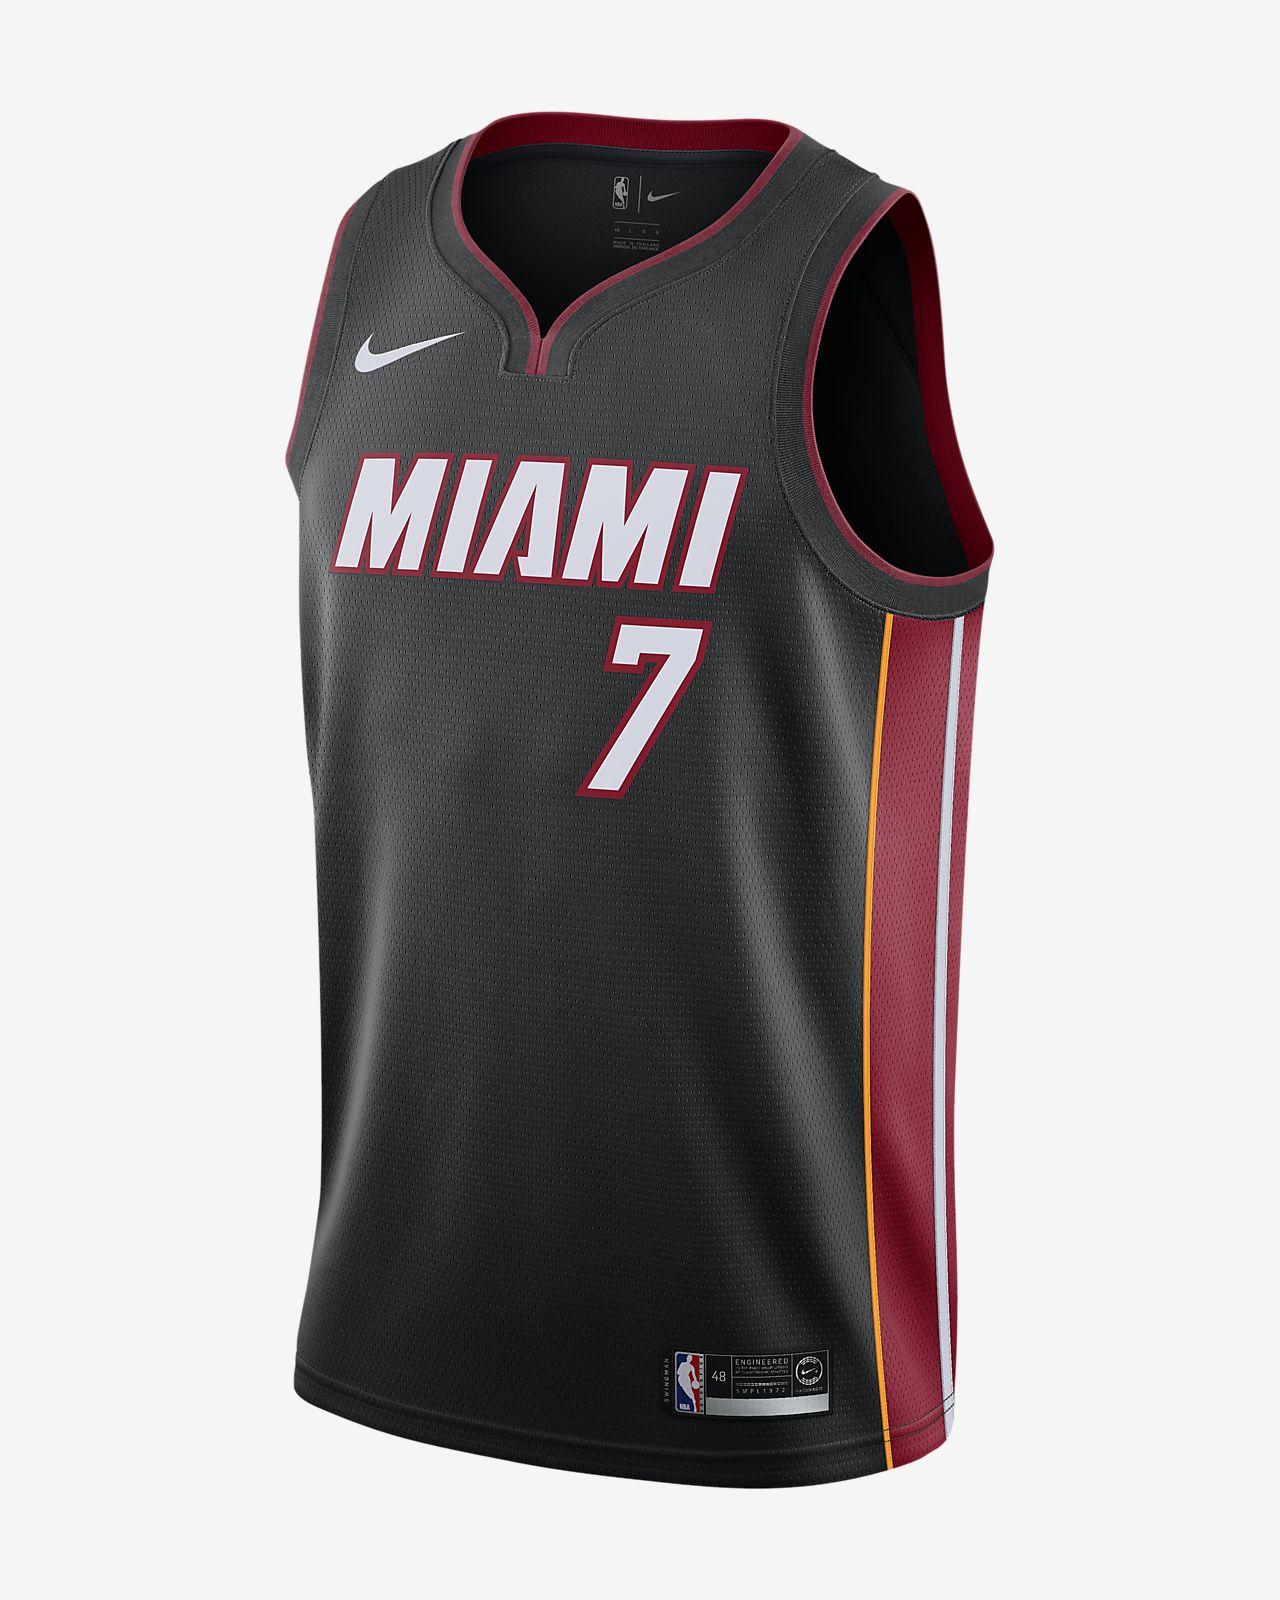 Camisola com ligação à NBA da Nike Goran Dragic Icon Edition Swingman (Miami Heat) para homem